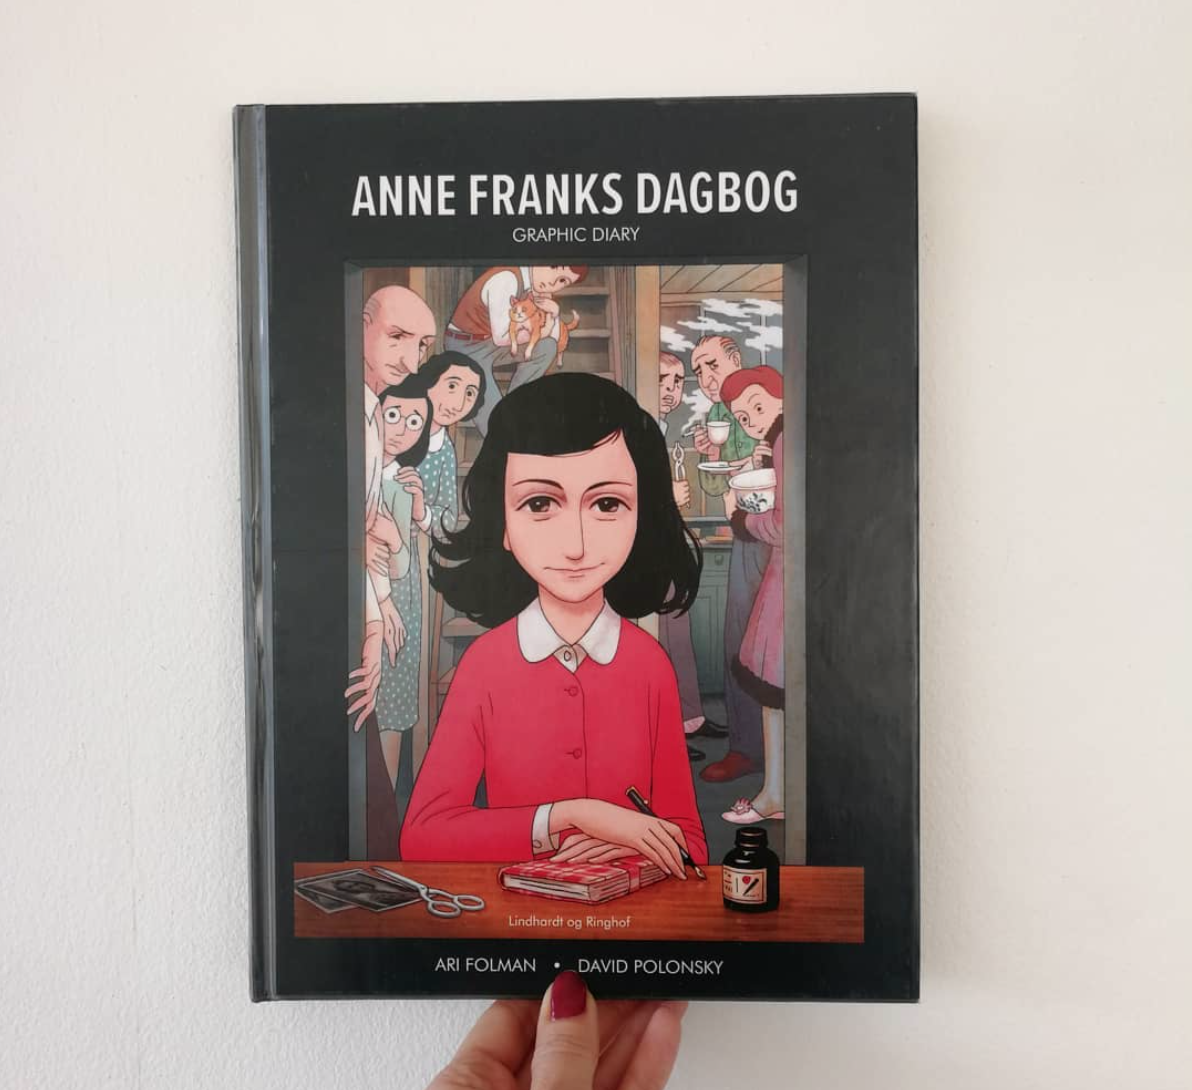 Anne franks dagbog anmeldelse anbefaling